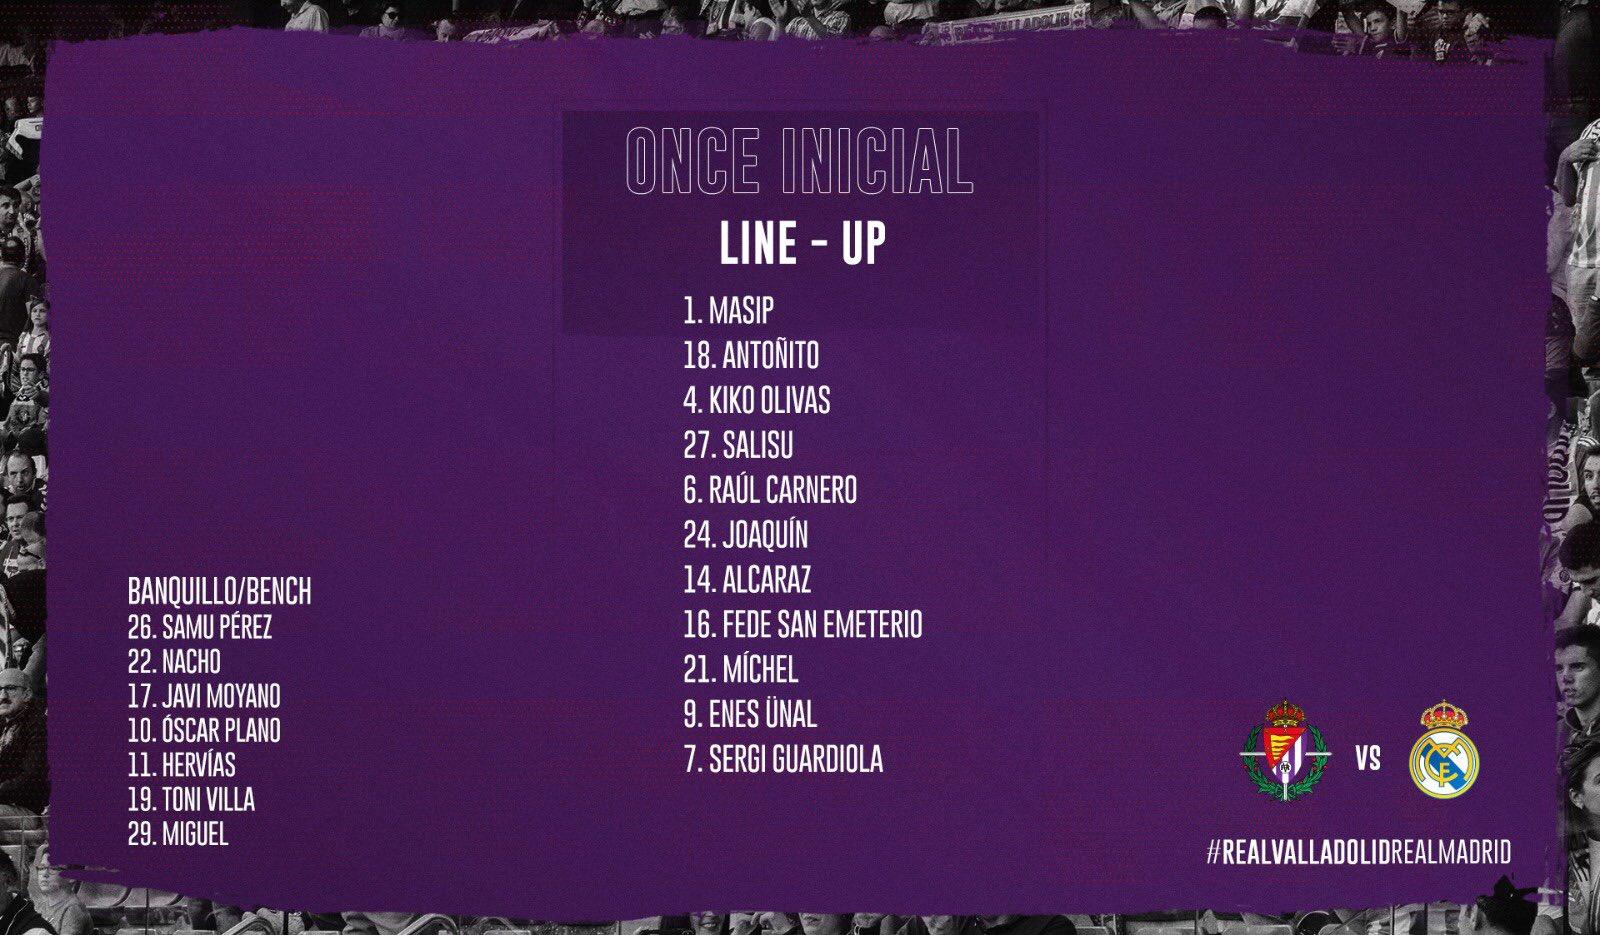 Real Valladolid C.F. - Real Madrid C.F. Domingo 26 de Enero. 21:00 IMG-20200126-195233